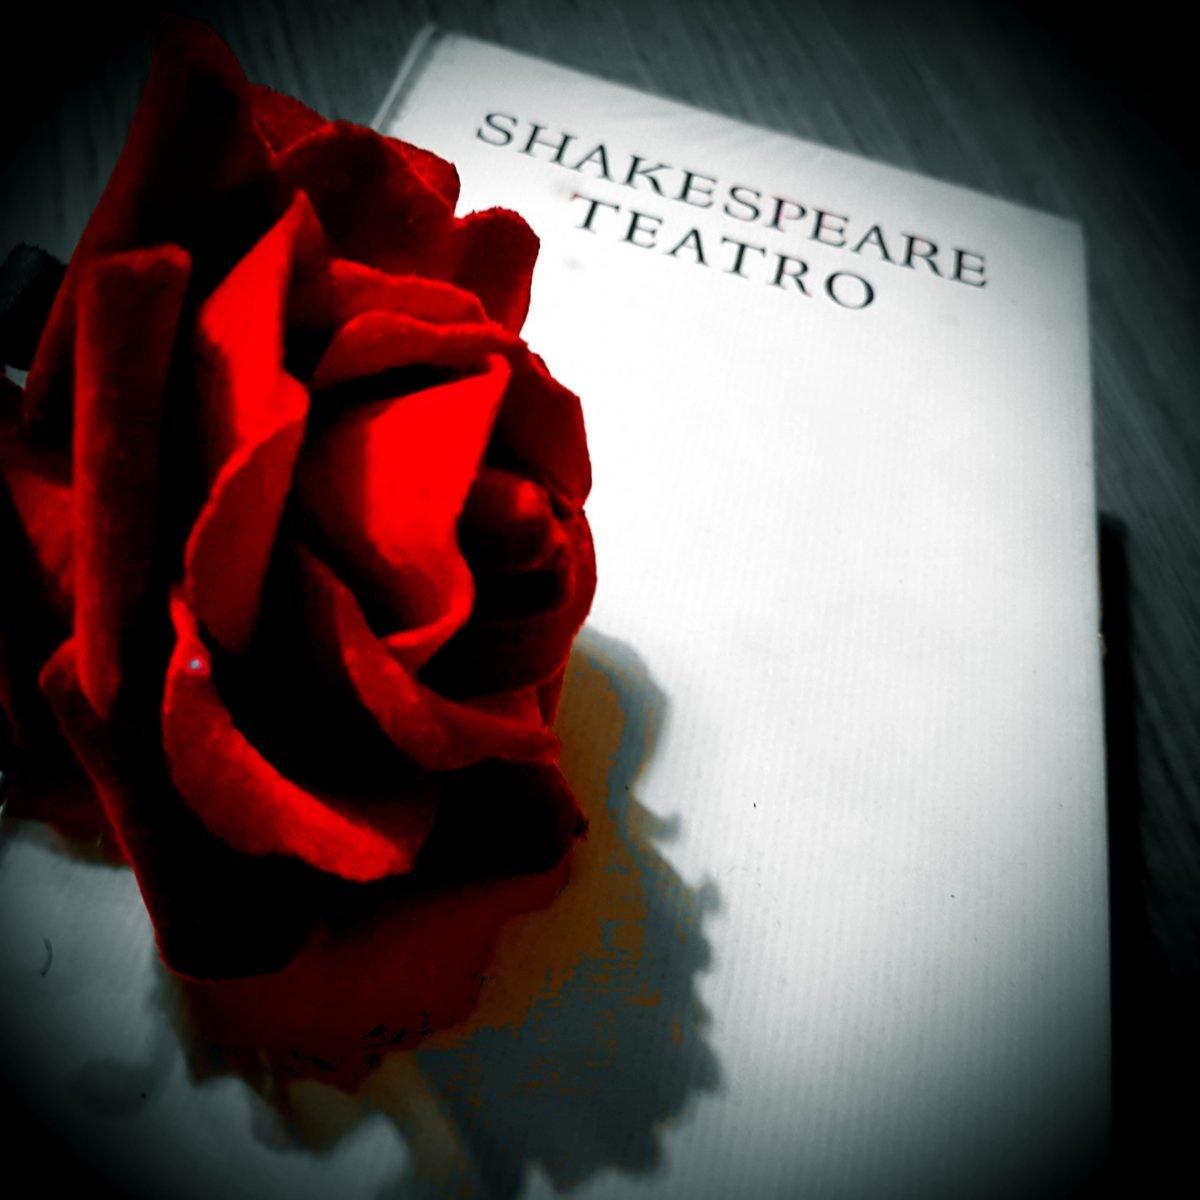 Teatro: dove i sogni iniziano e prendono forma.